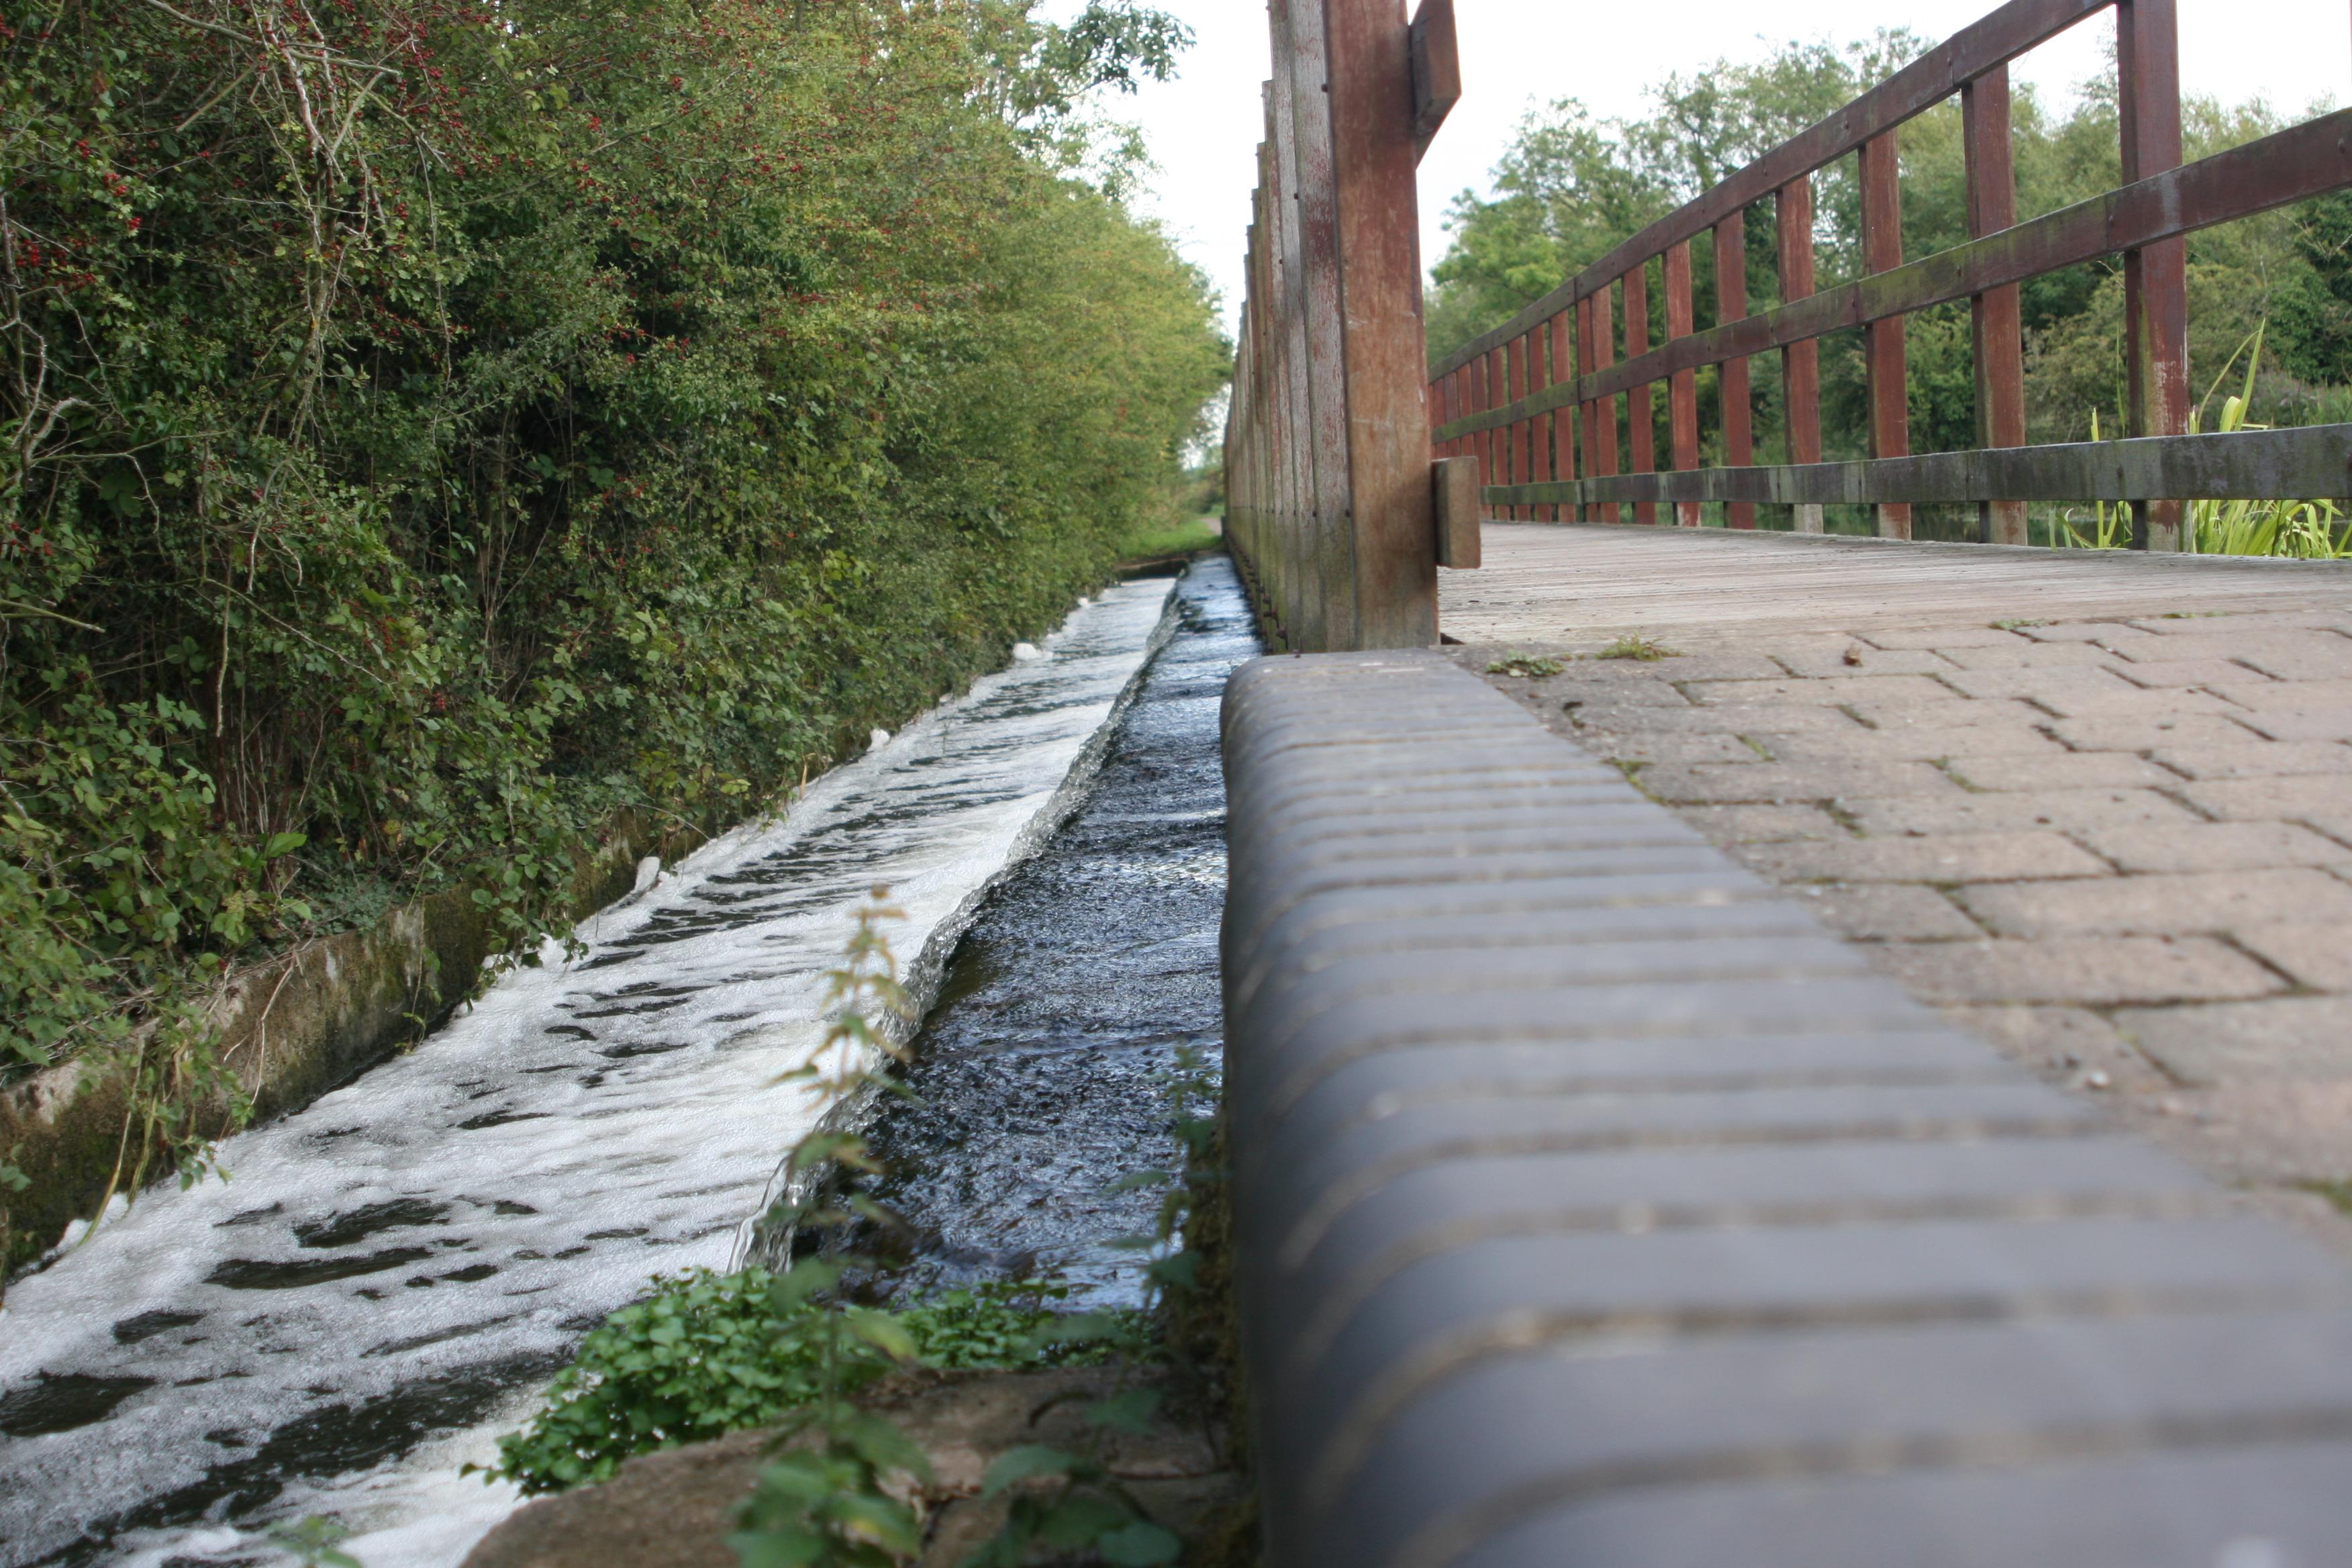 Bridge, Flow, Path, Rails, Stone, HQ Photo